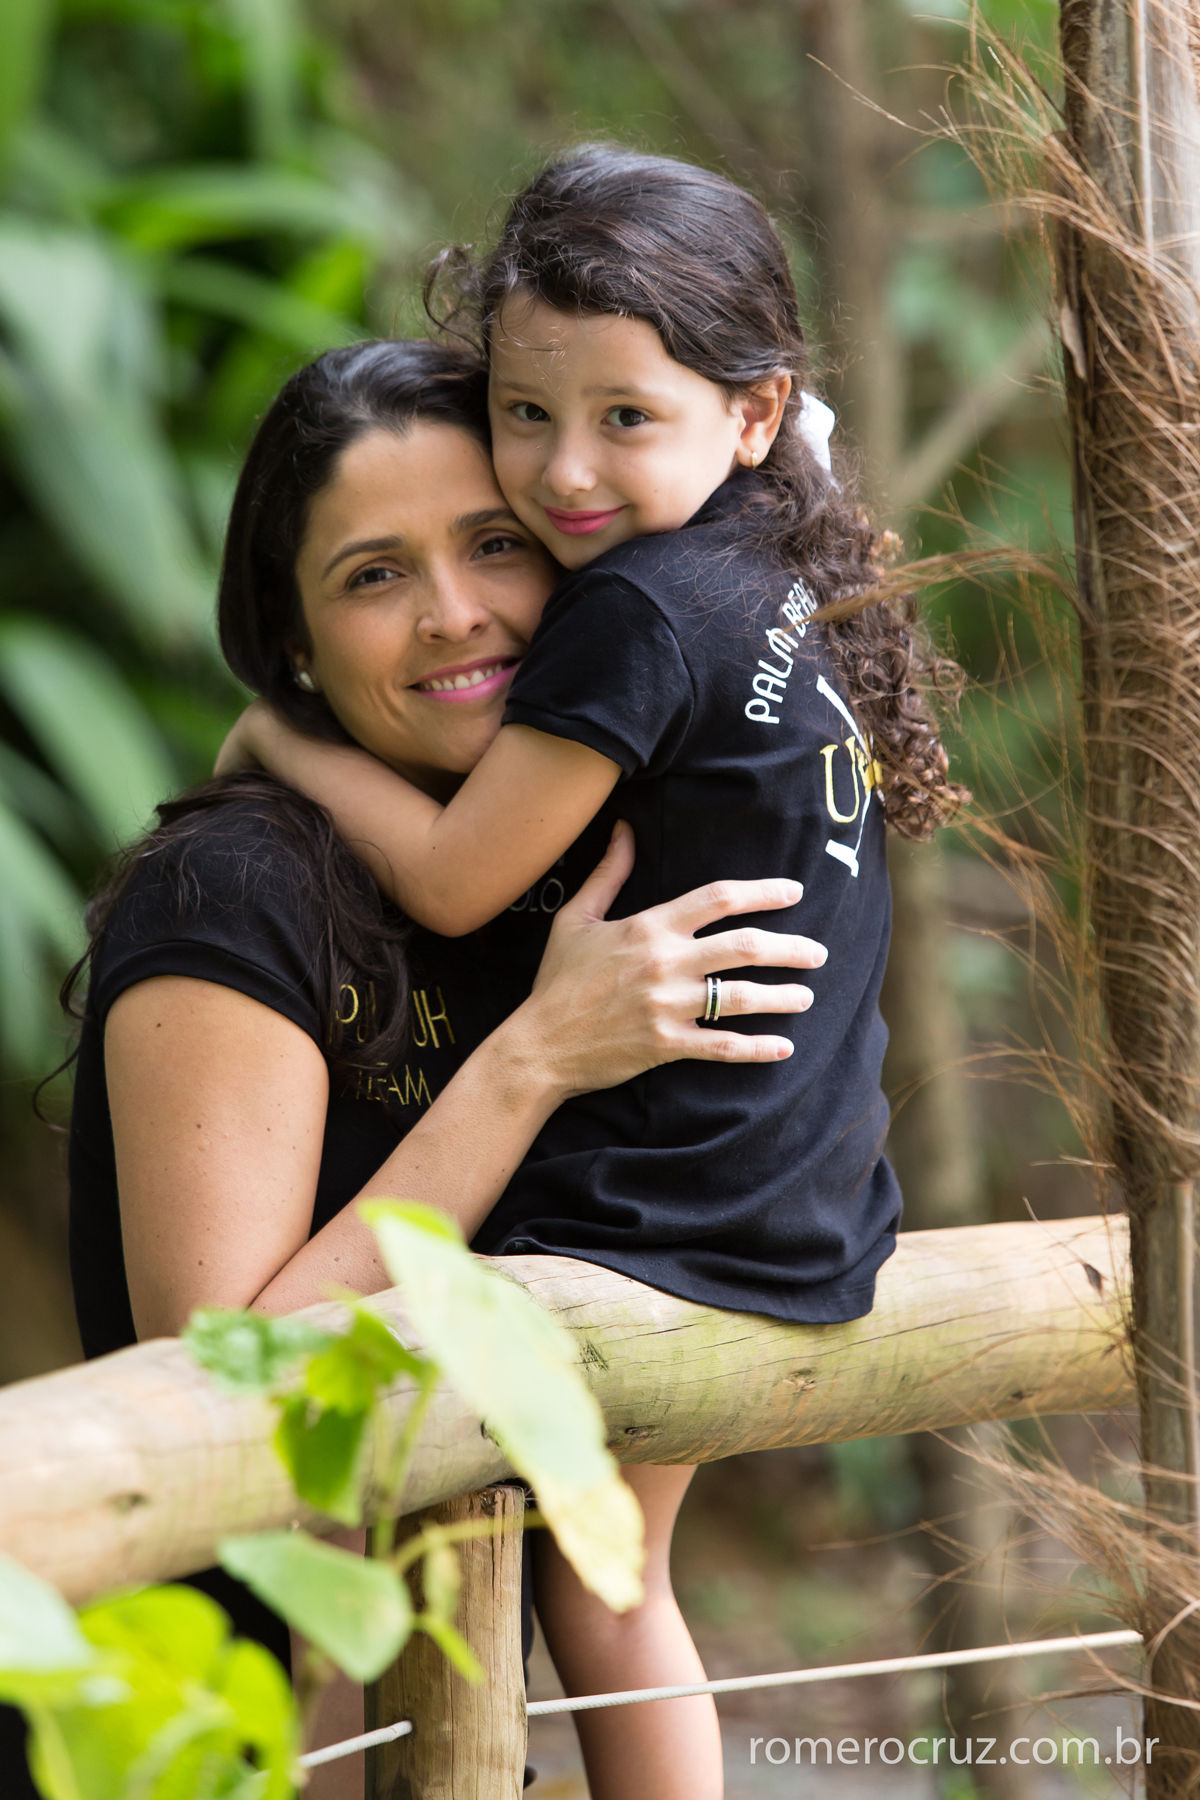 Carla e Anna mãe e filha fotografada em ensaio família pelo fotógrafo Romero Cruz